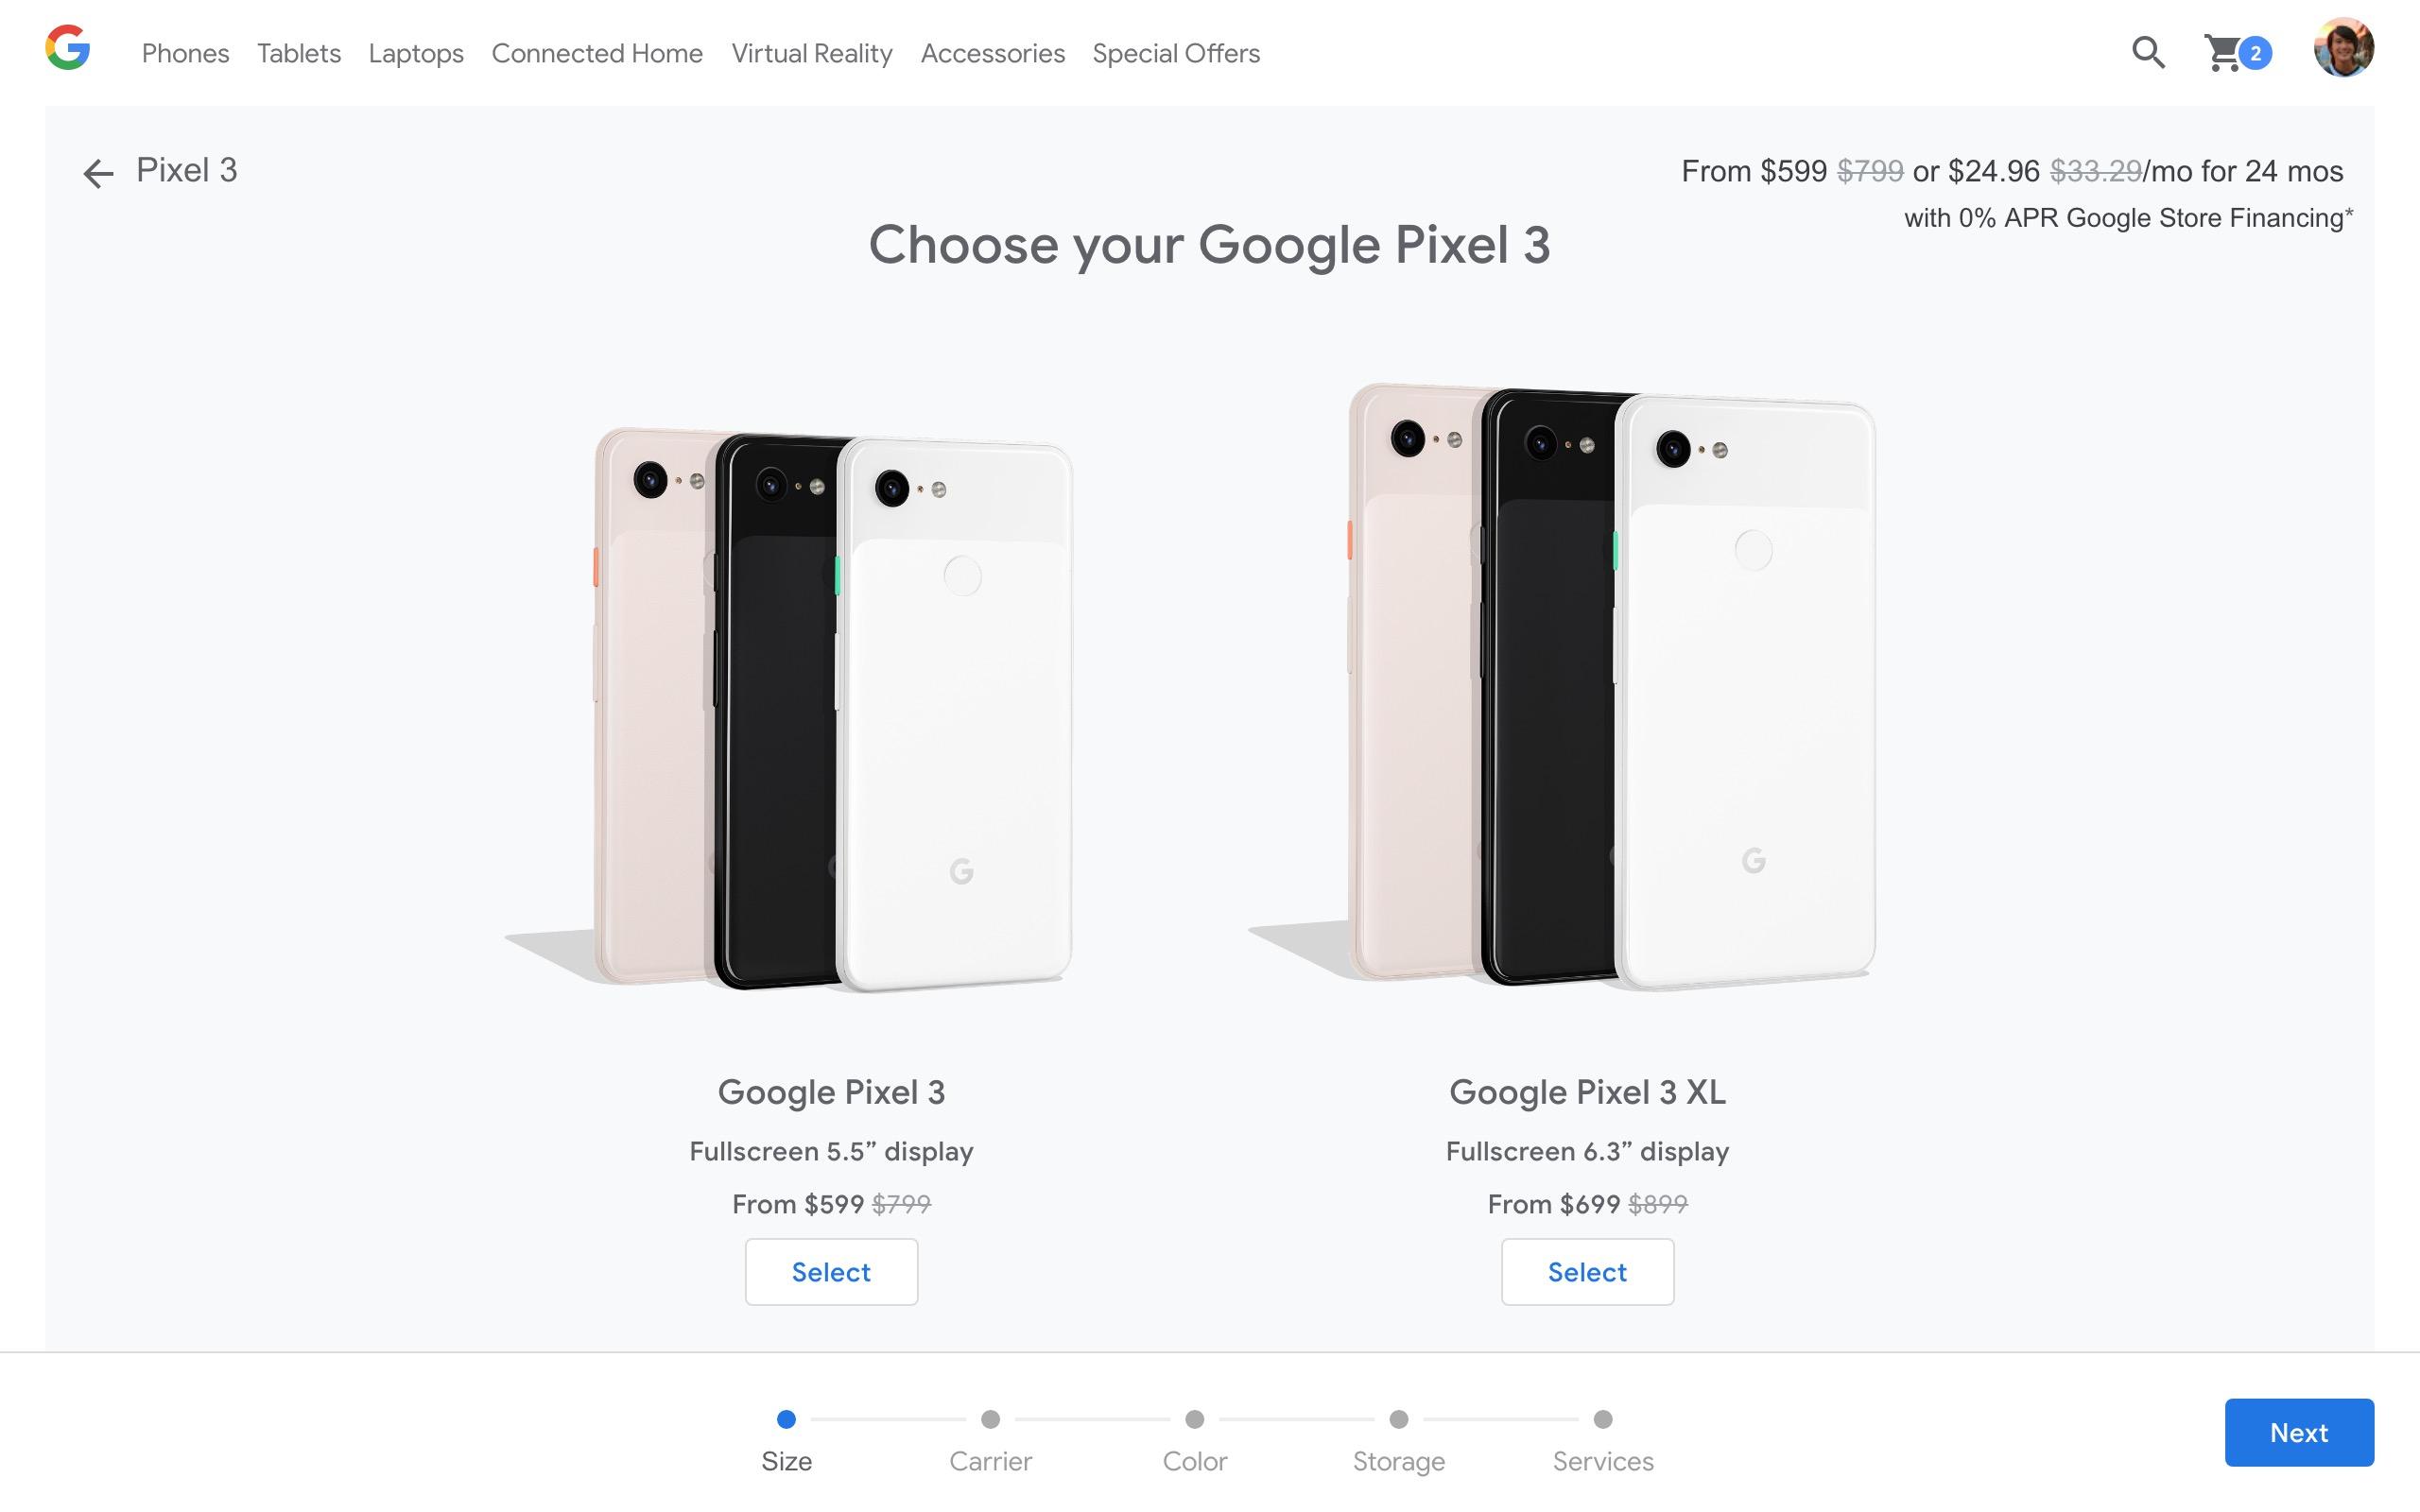 Google Store 200 off Pixel 3